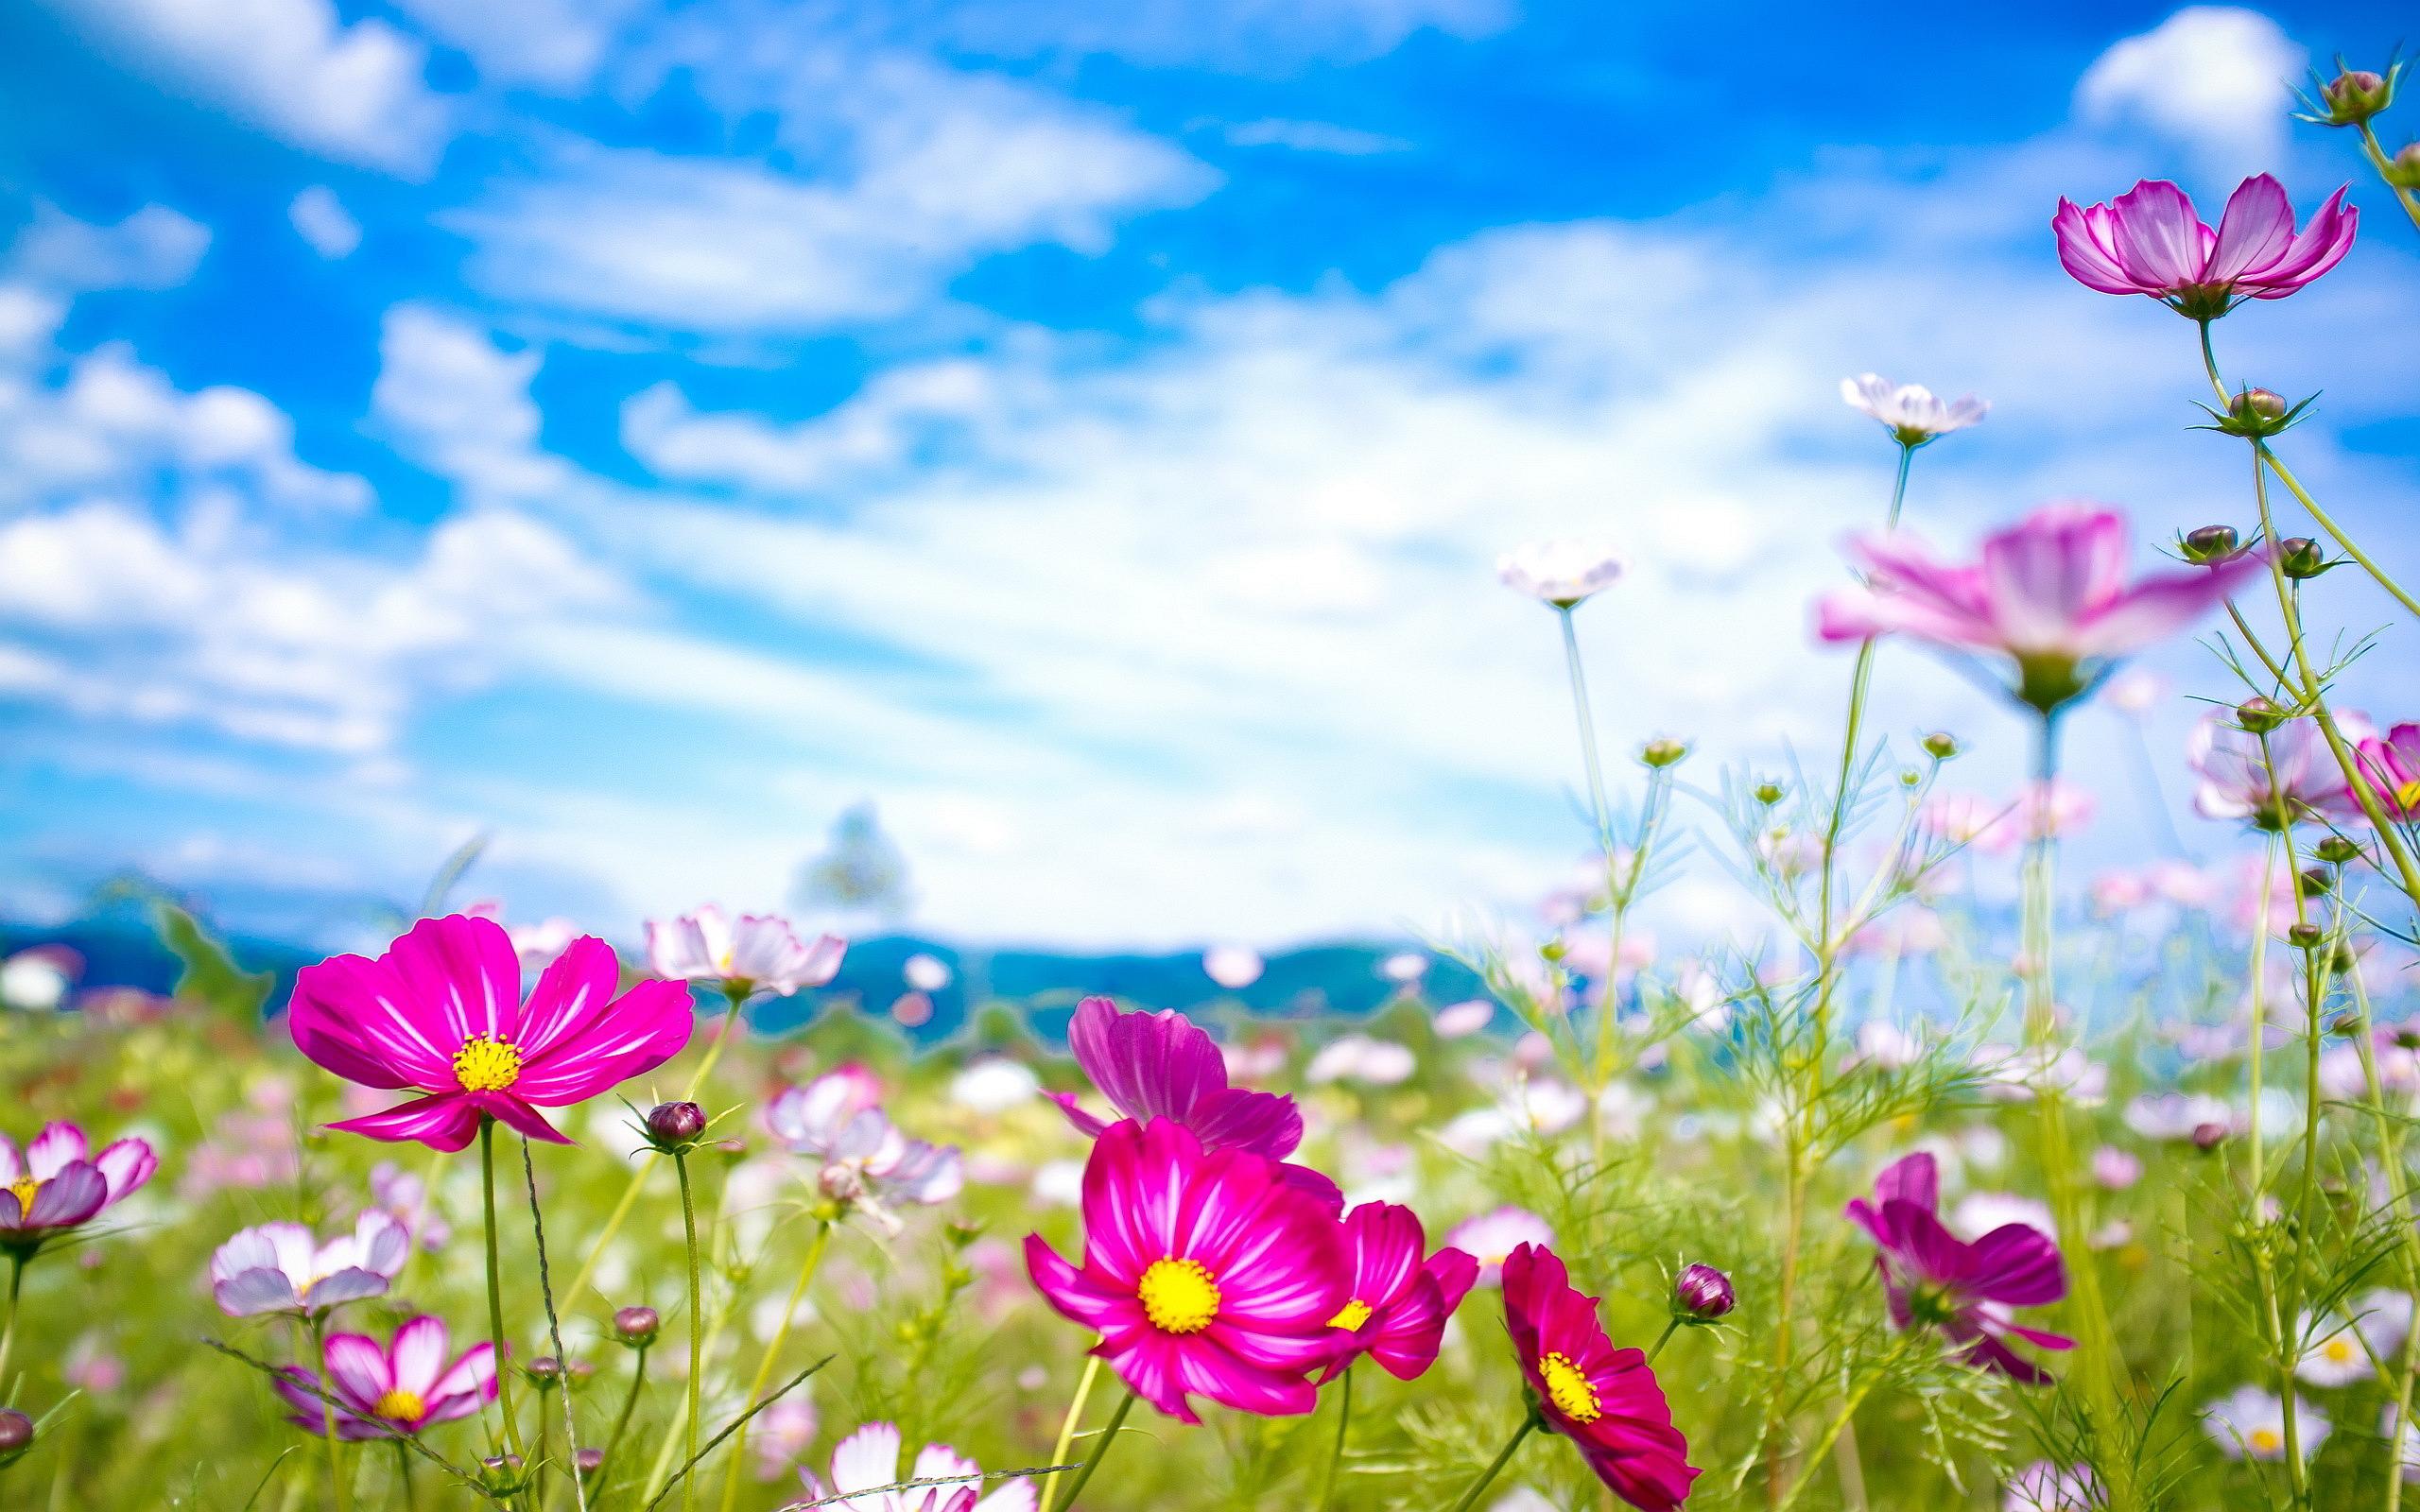 Flower Art Image